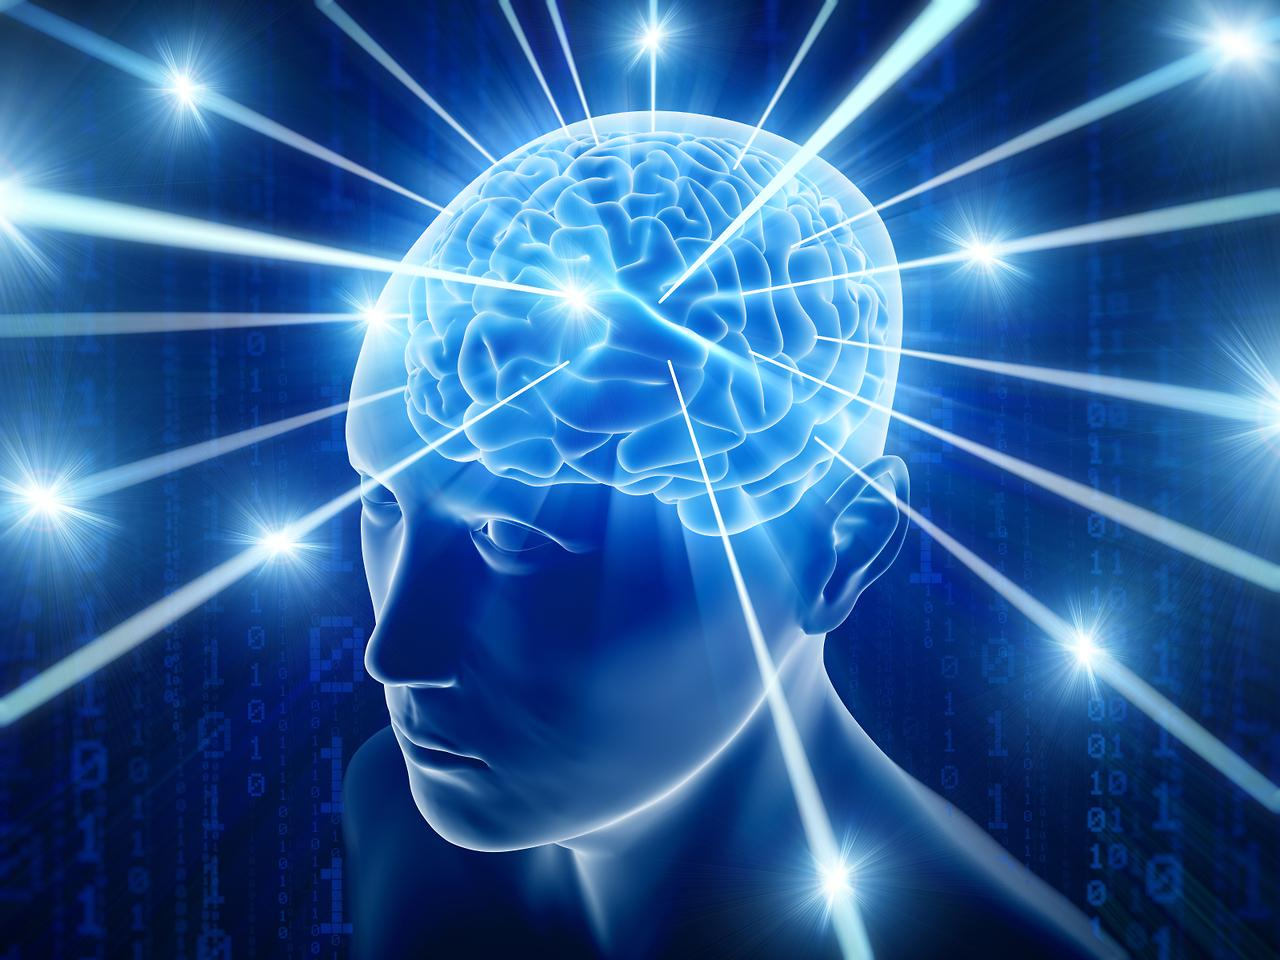 第一階段:腦能力應用